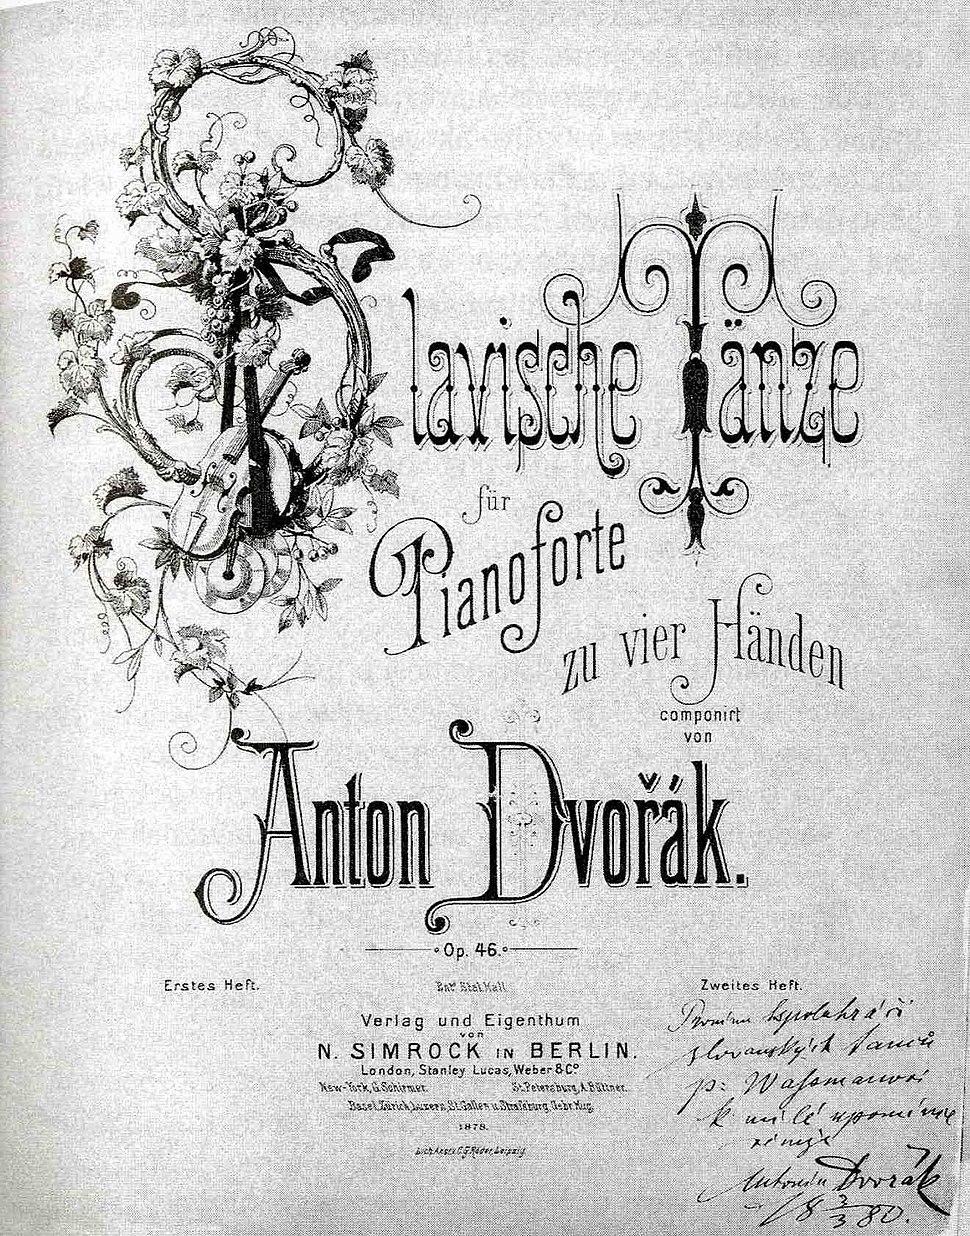 Slavonic Dances024